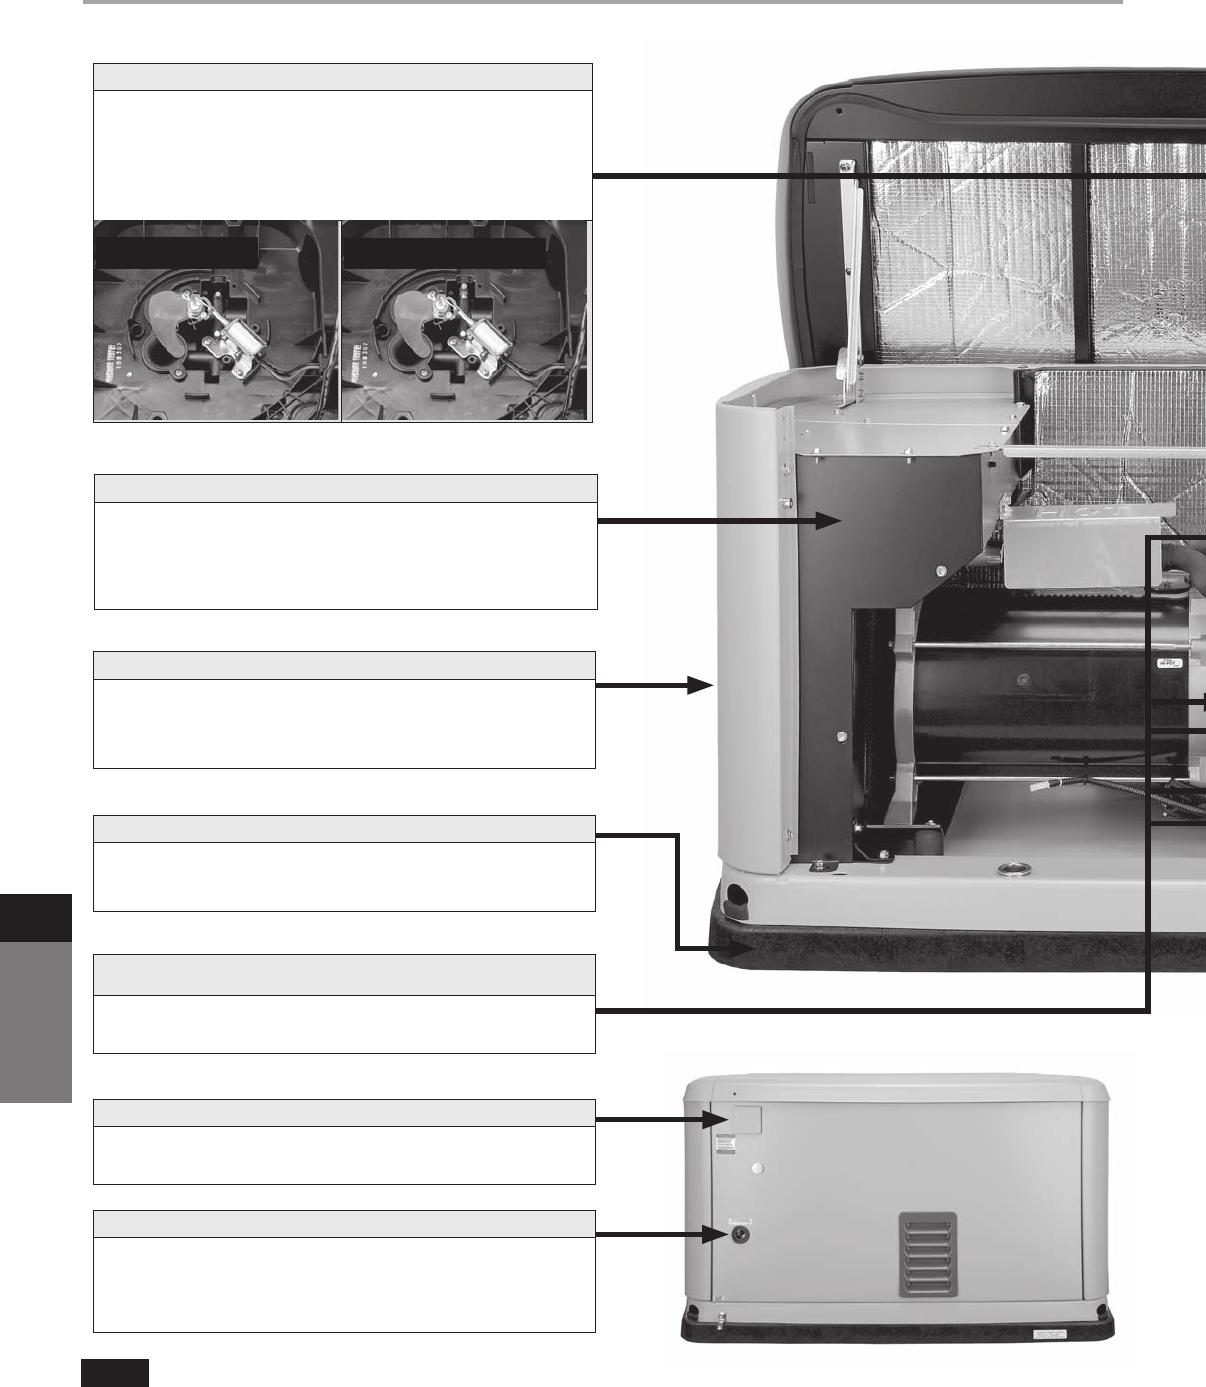 Zico Digital Circuit Breaker Finder Voltage Range 110v 240v Ac Tracker